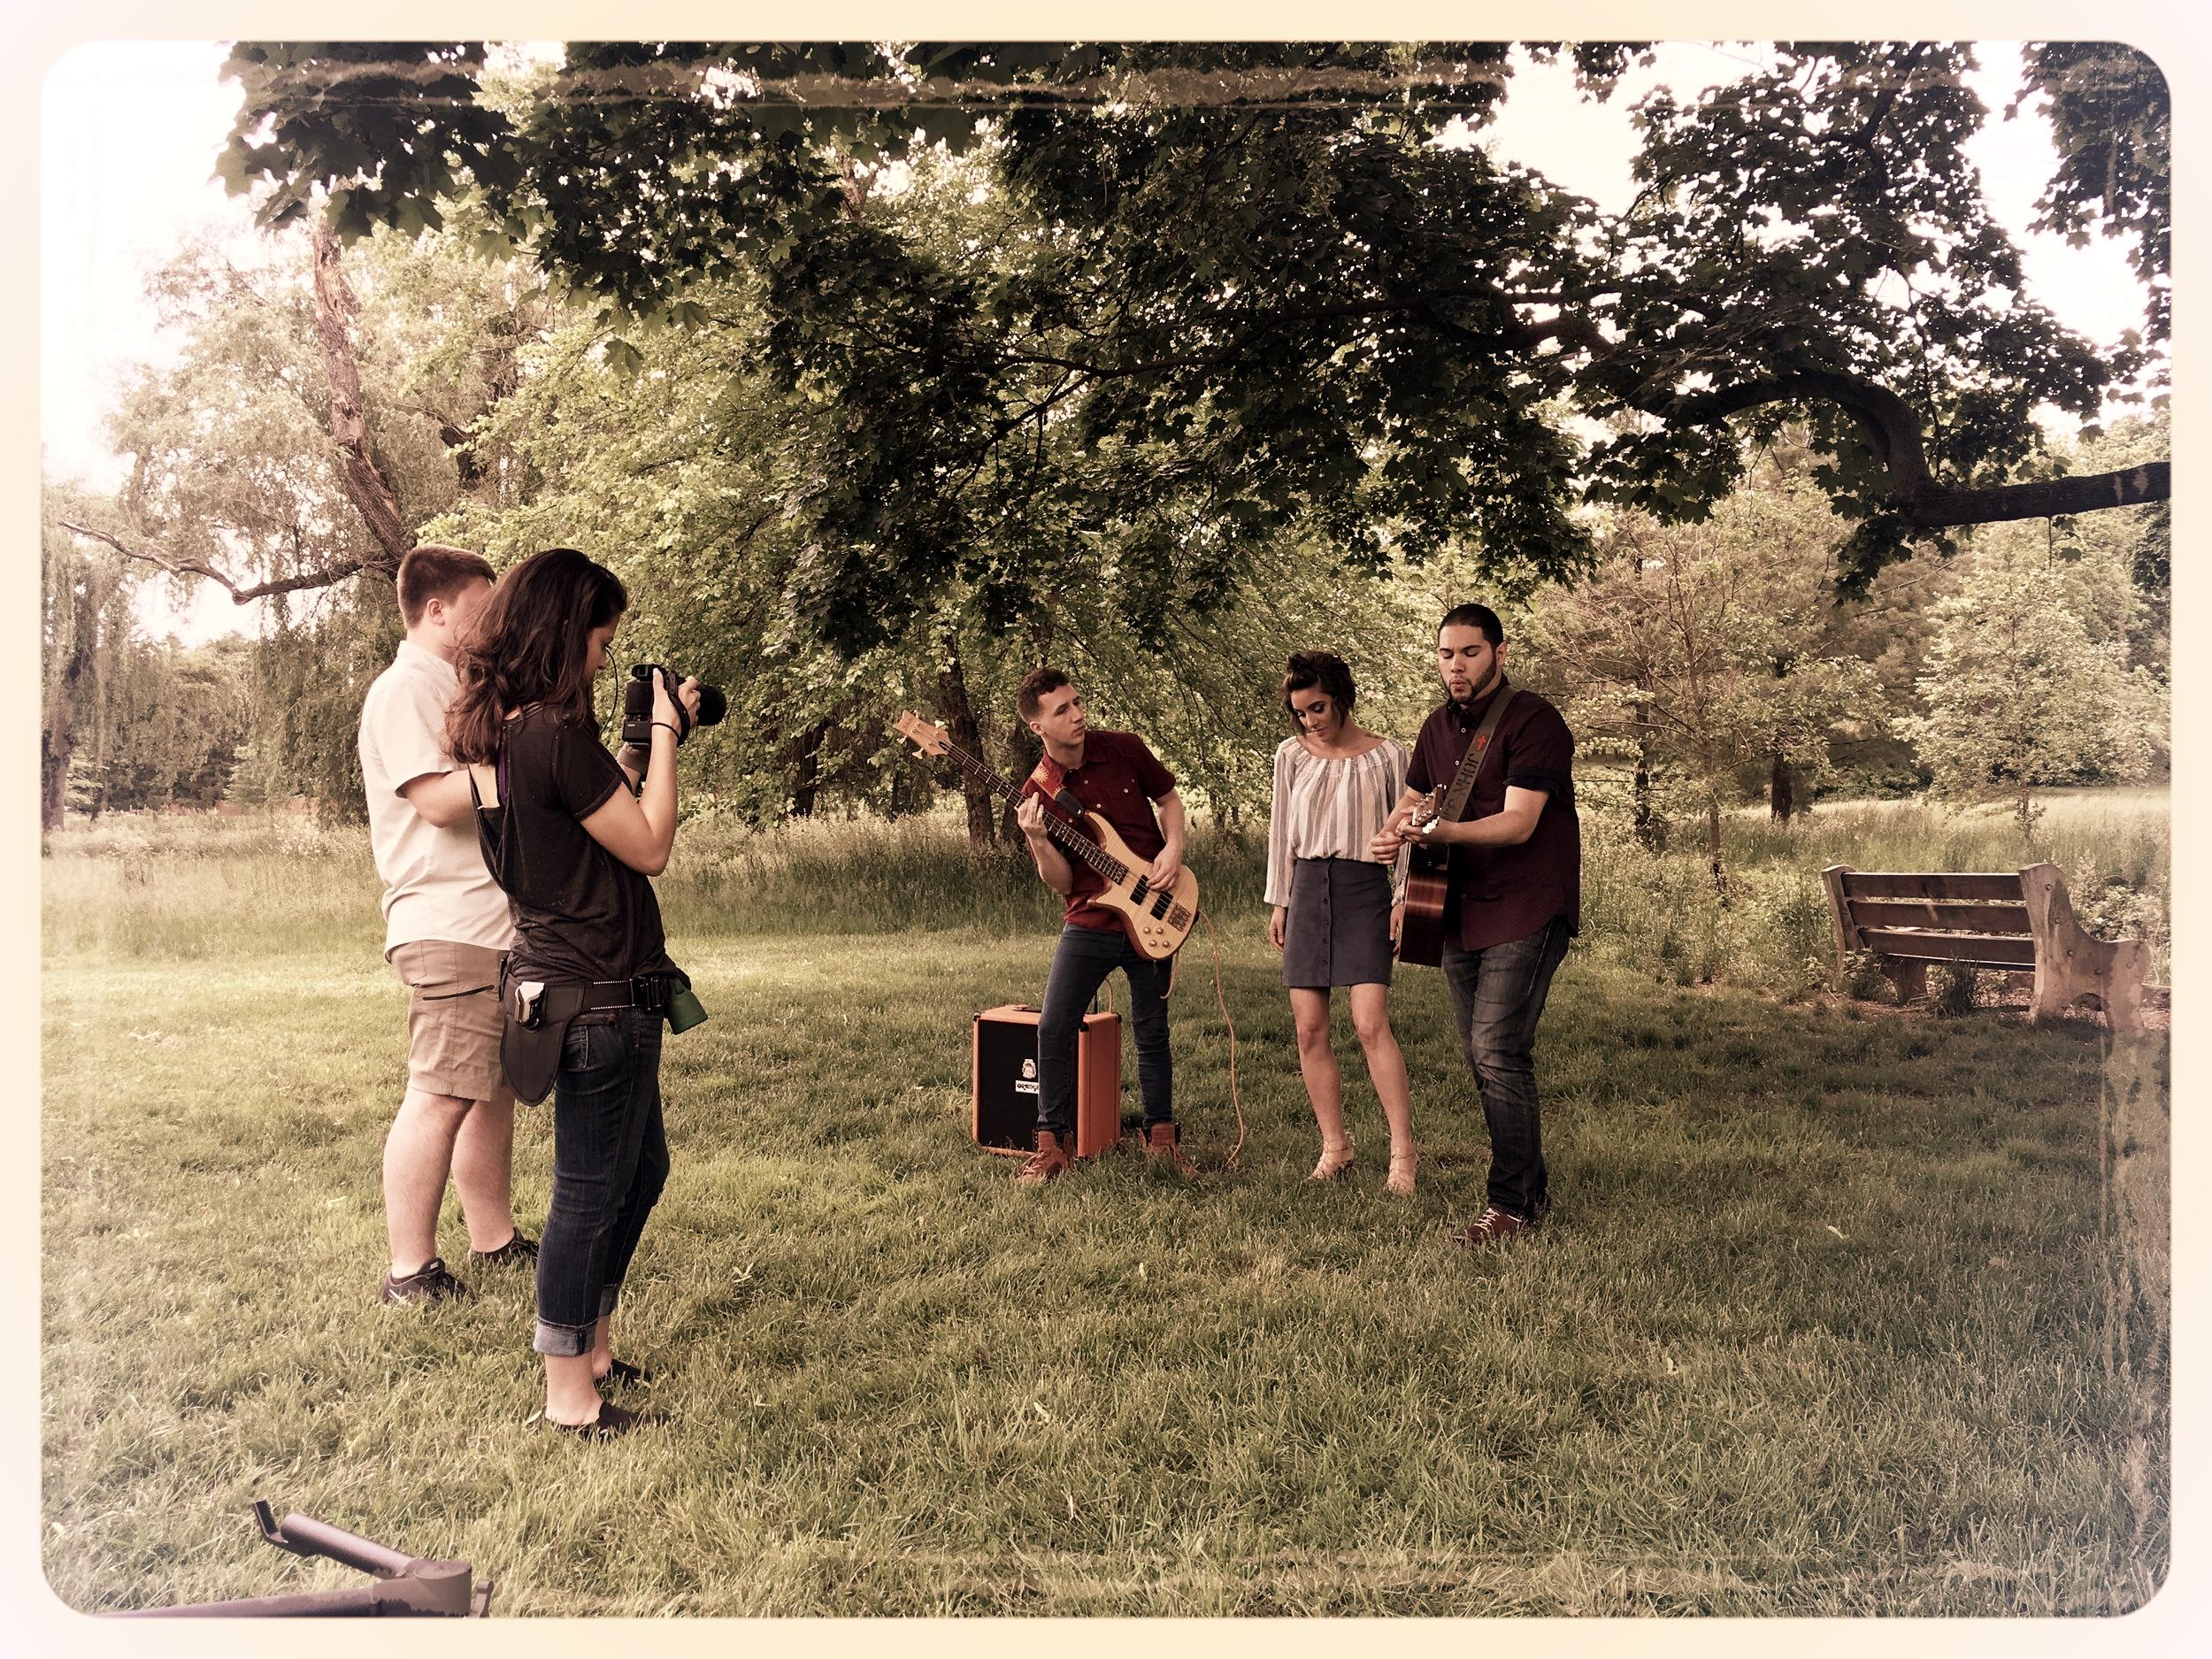 Clay & Kristen filming at Cedar Beach Park.